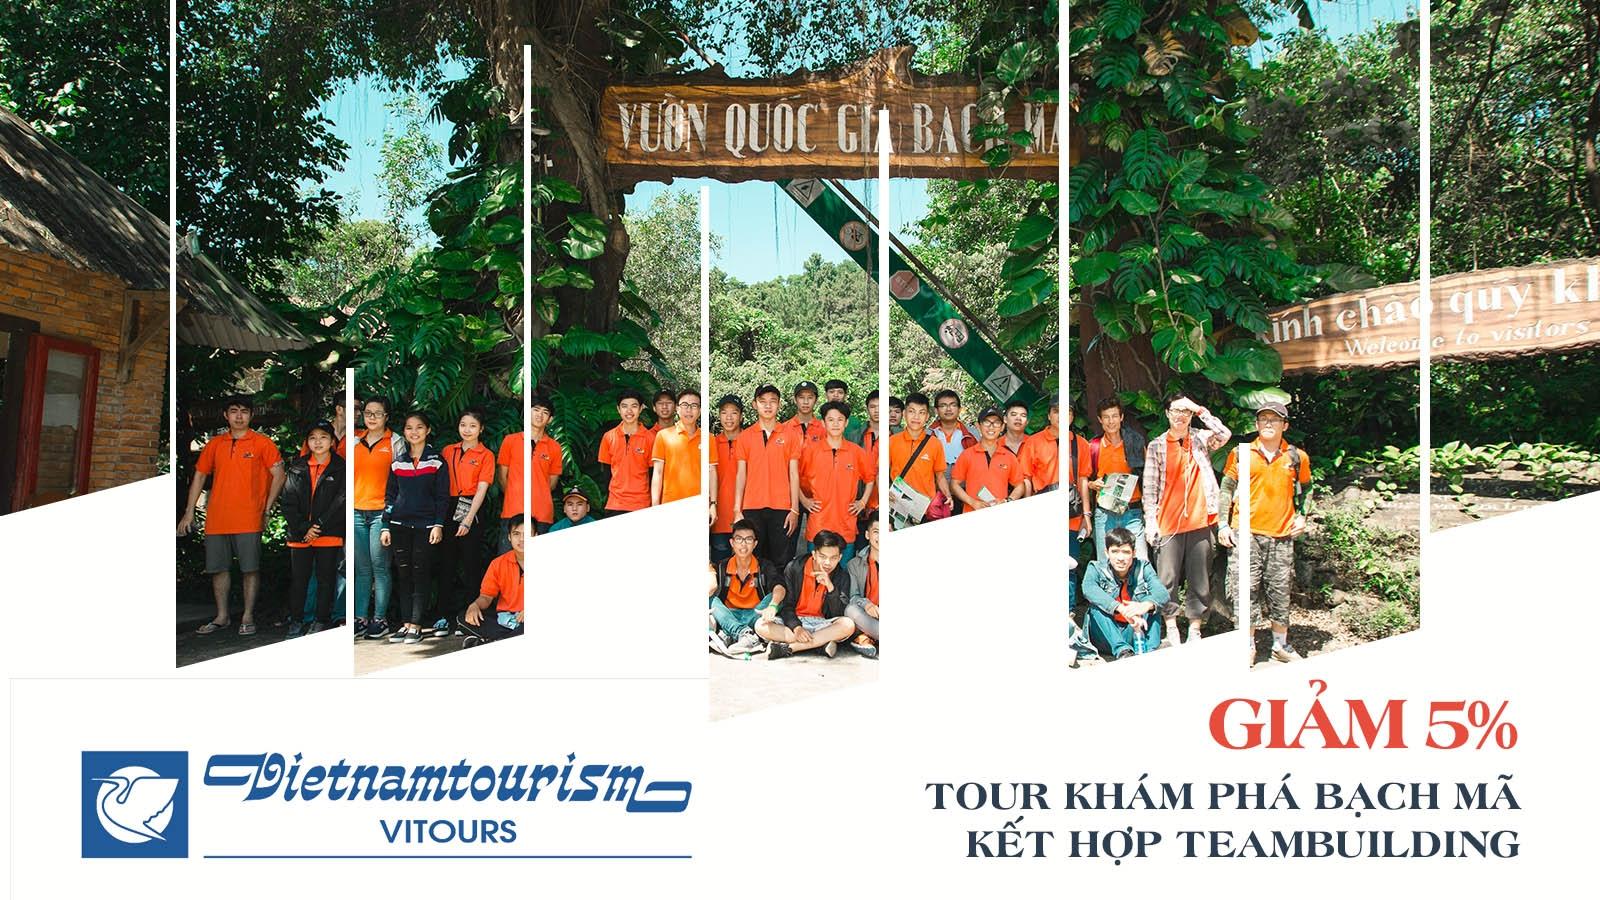 Vitours | Giảm 5% Tour Bạch Mã kết hợp team building 1